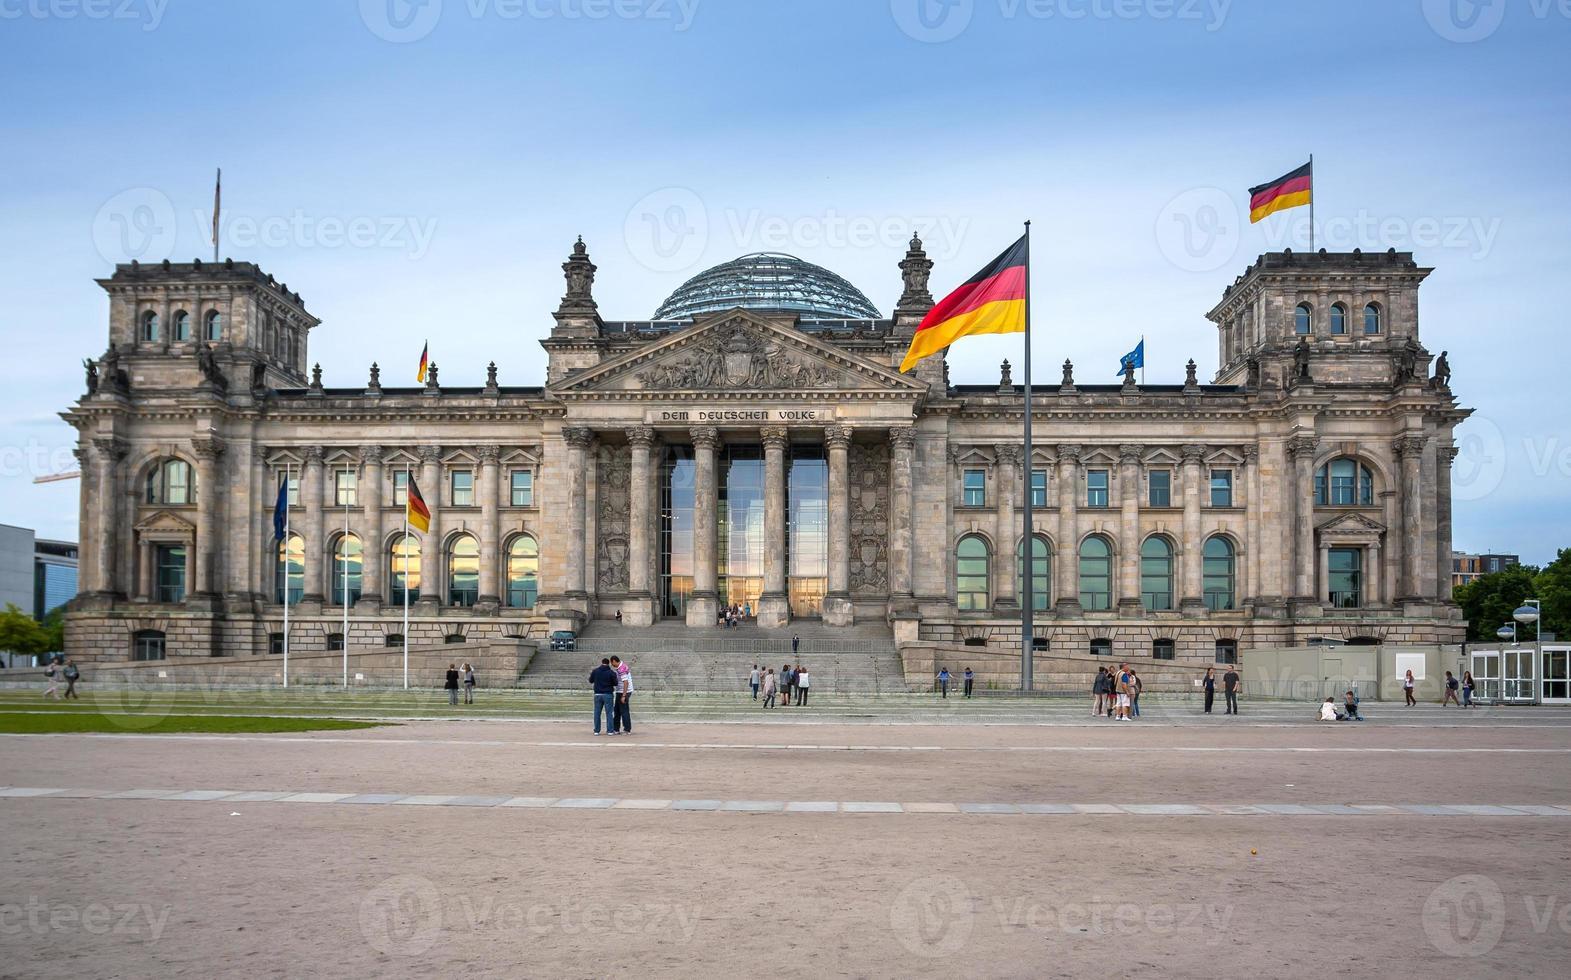 el edificio del reichstag en berlín: parlamento alemán foto